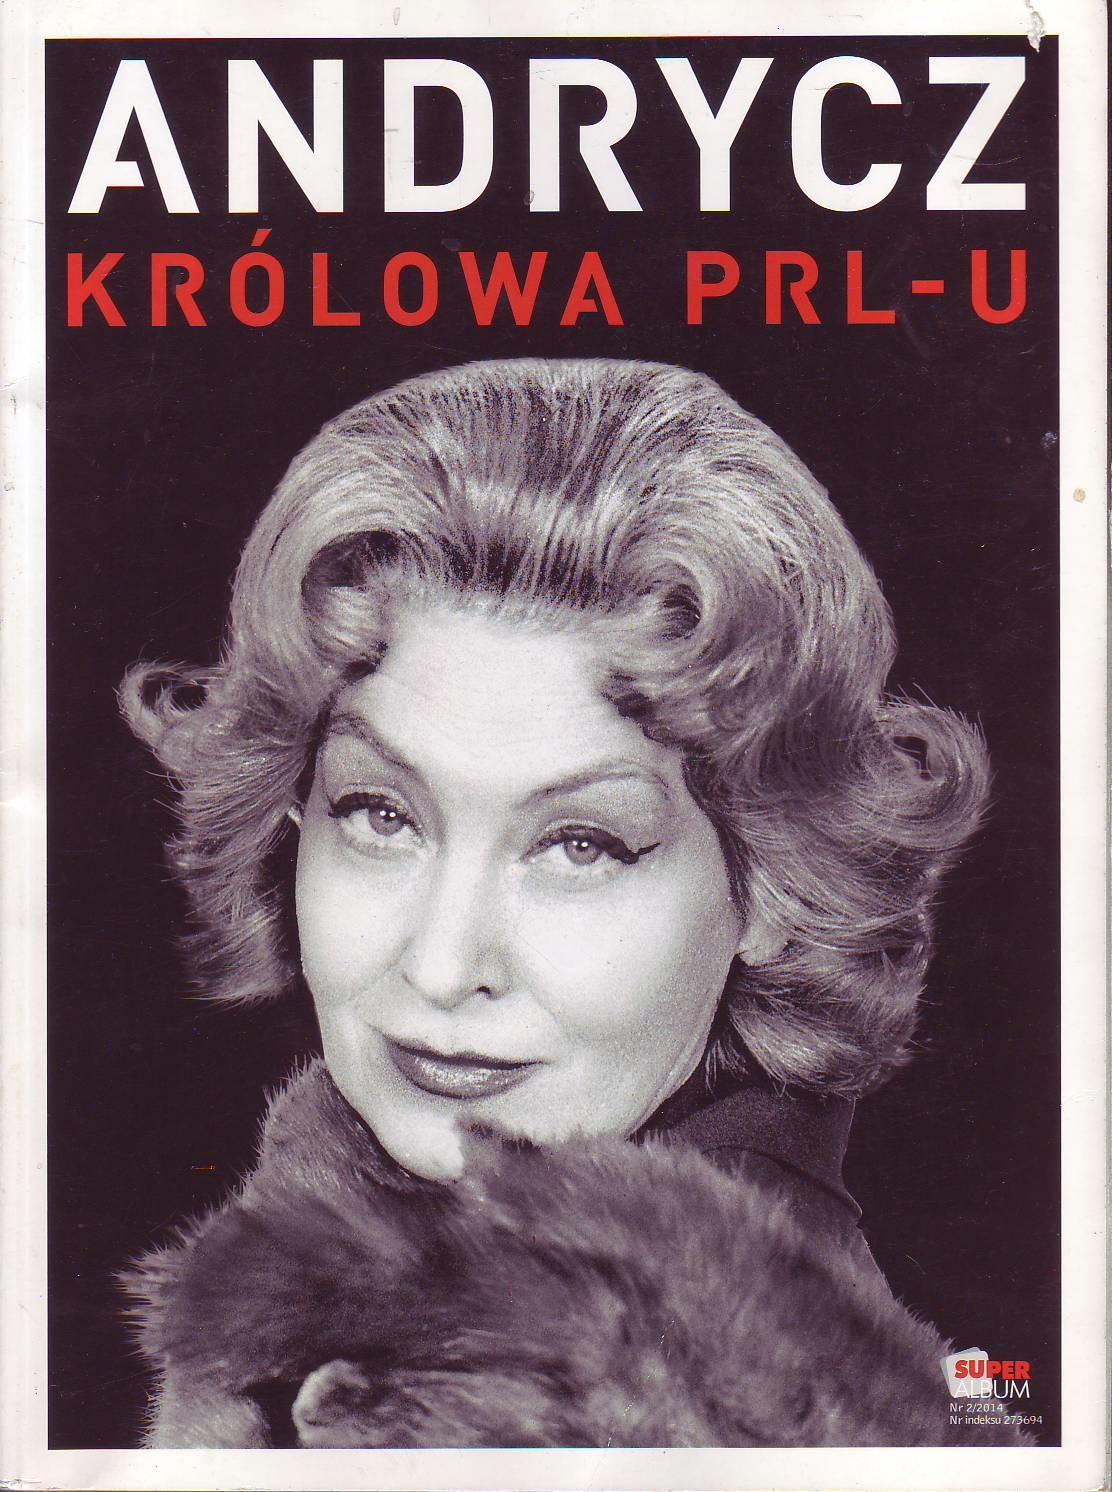 Znalezione obrazy dla zapytania Nina Andrycz - Królowa PRL-u